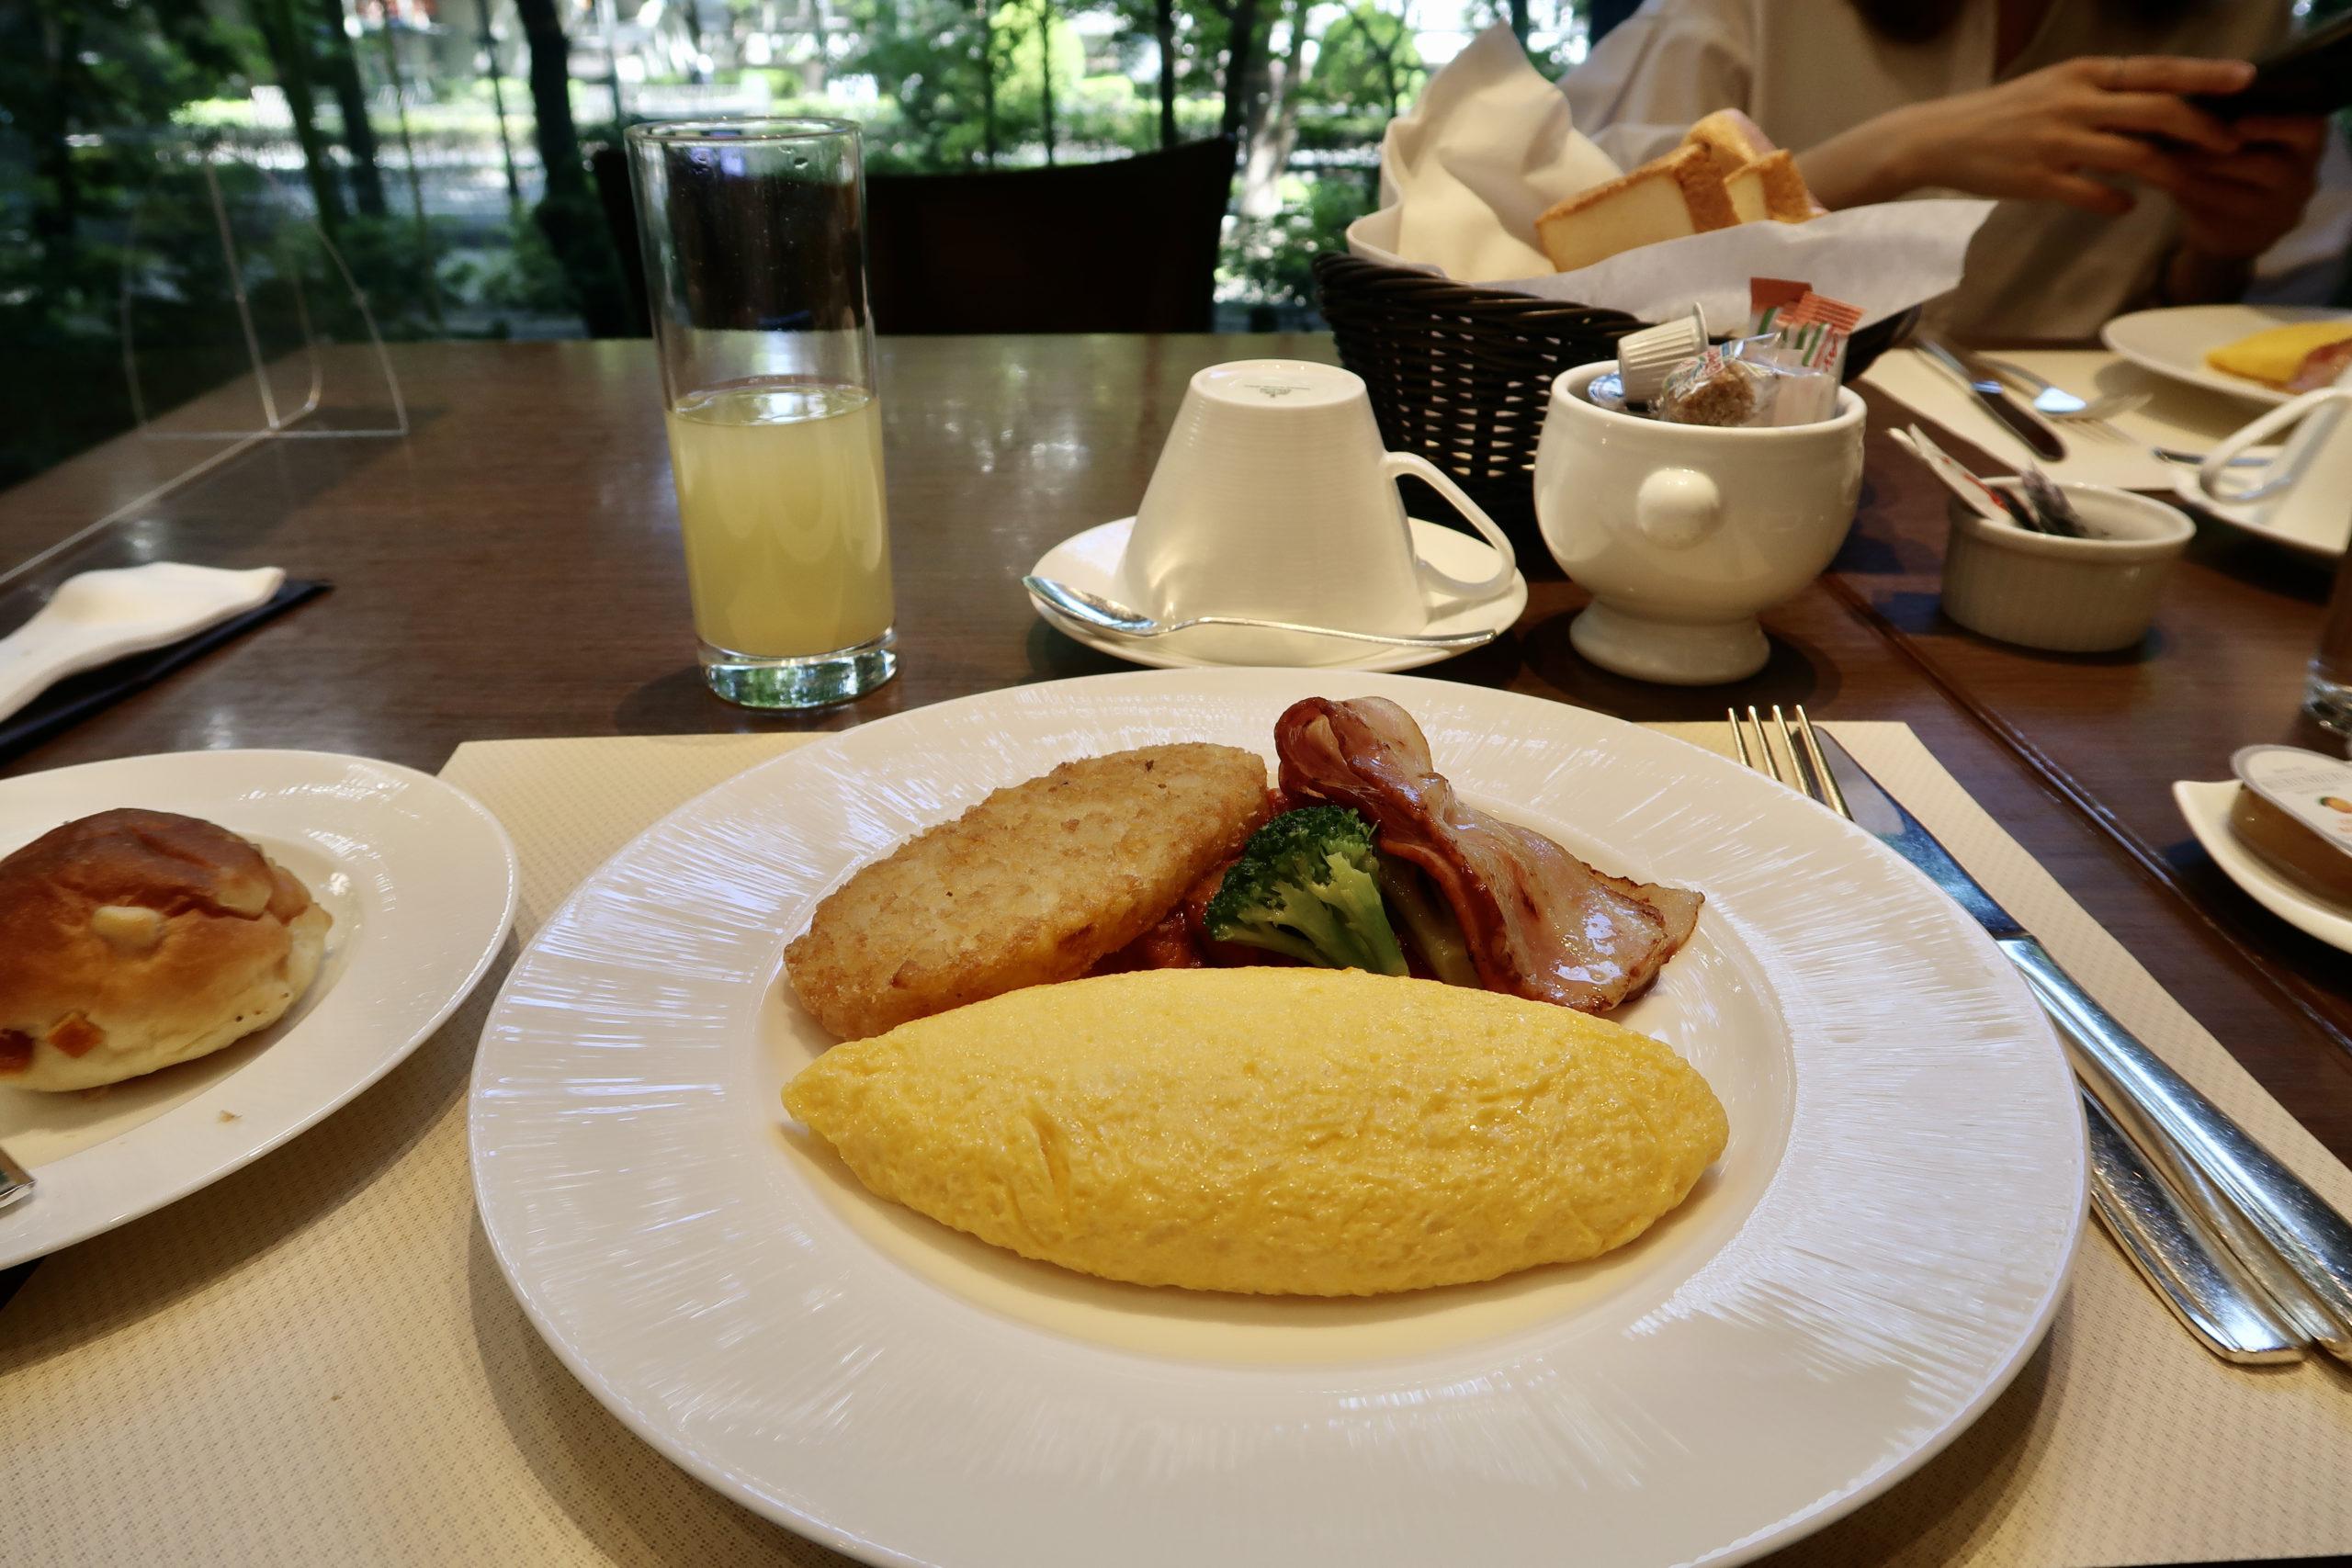 京王プラザホテル新宿 コロナ禍の朝食会場